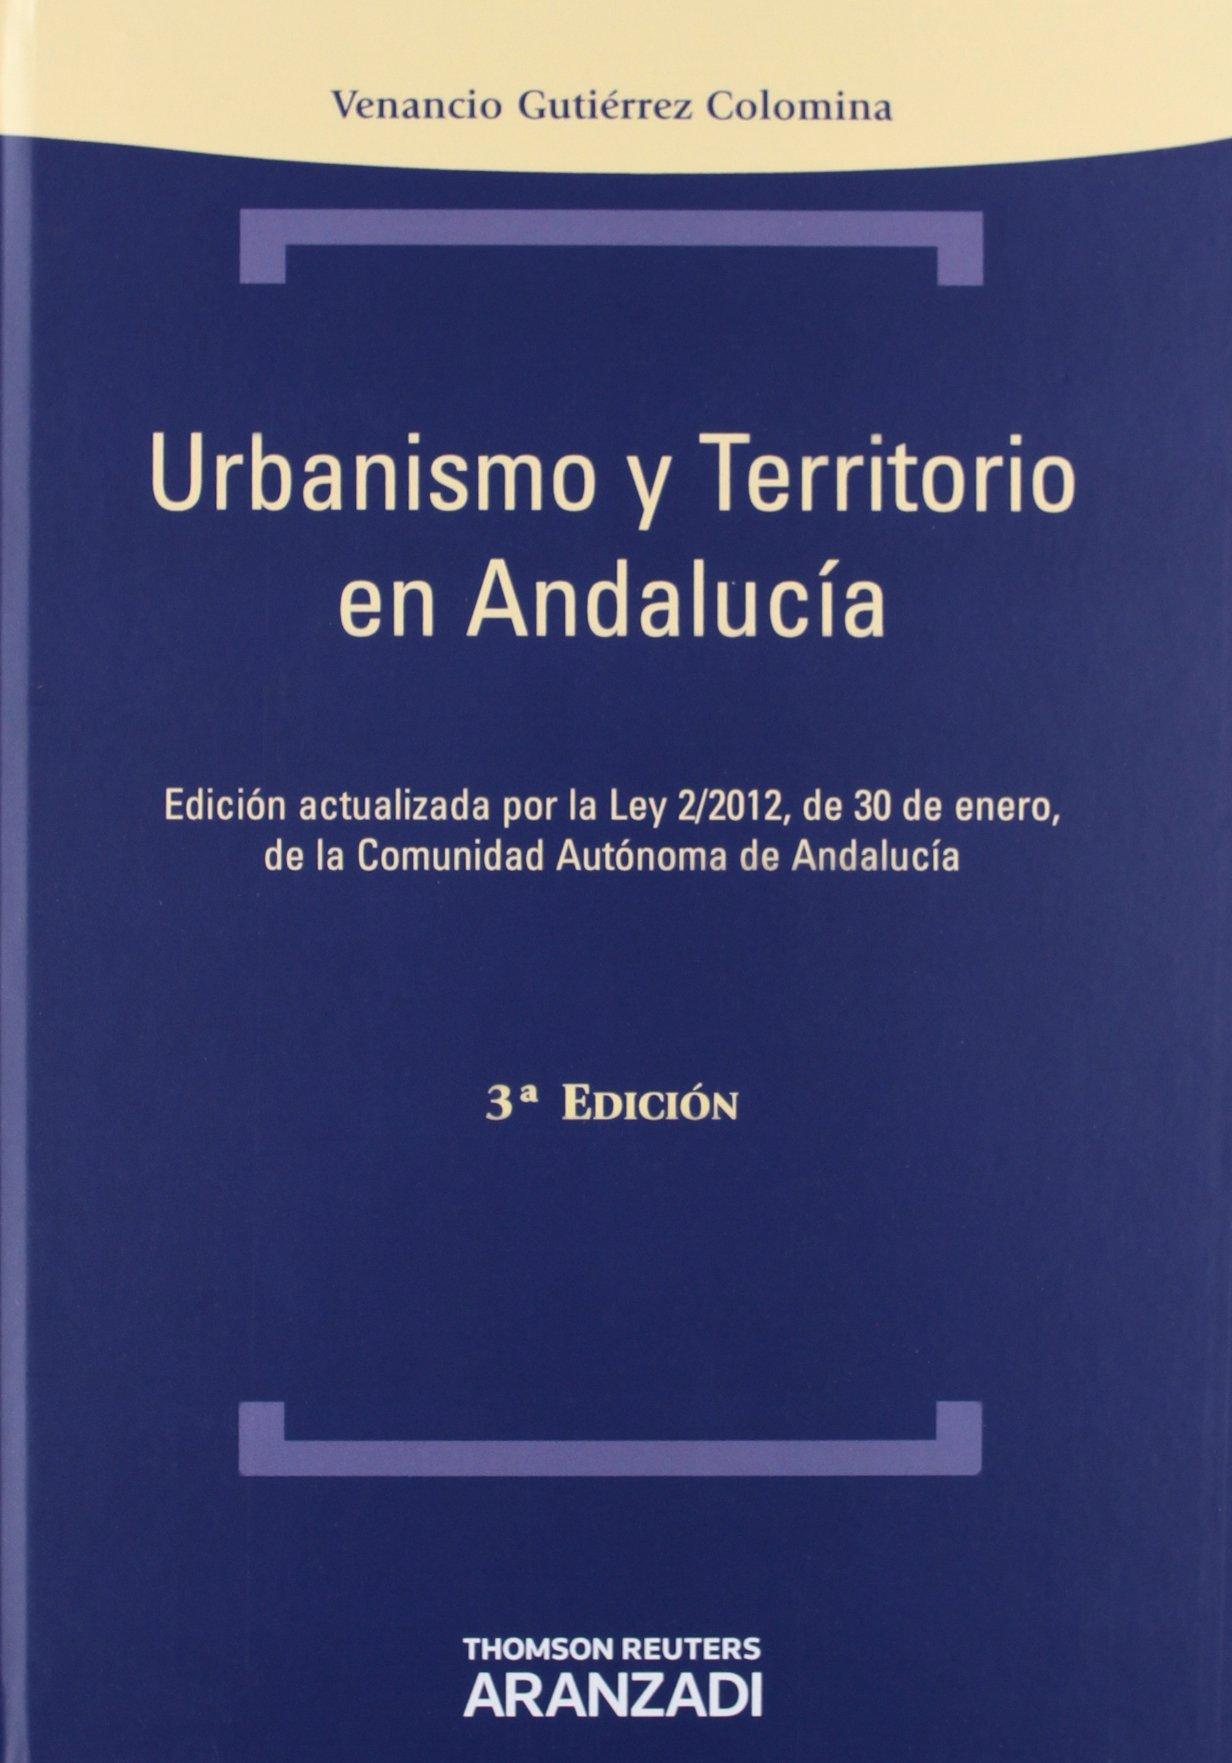 Urbanismo y territorio en Andalucía - Actualizada por la Ley 2/2012 de 30 de enero de la Comunidad Autónoma de Andalucía (Técnica Tapa Dura)